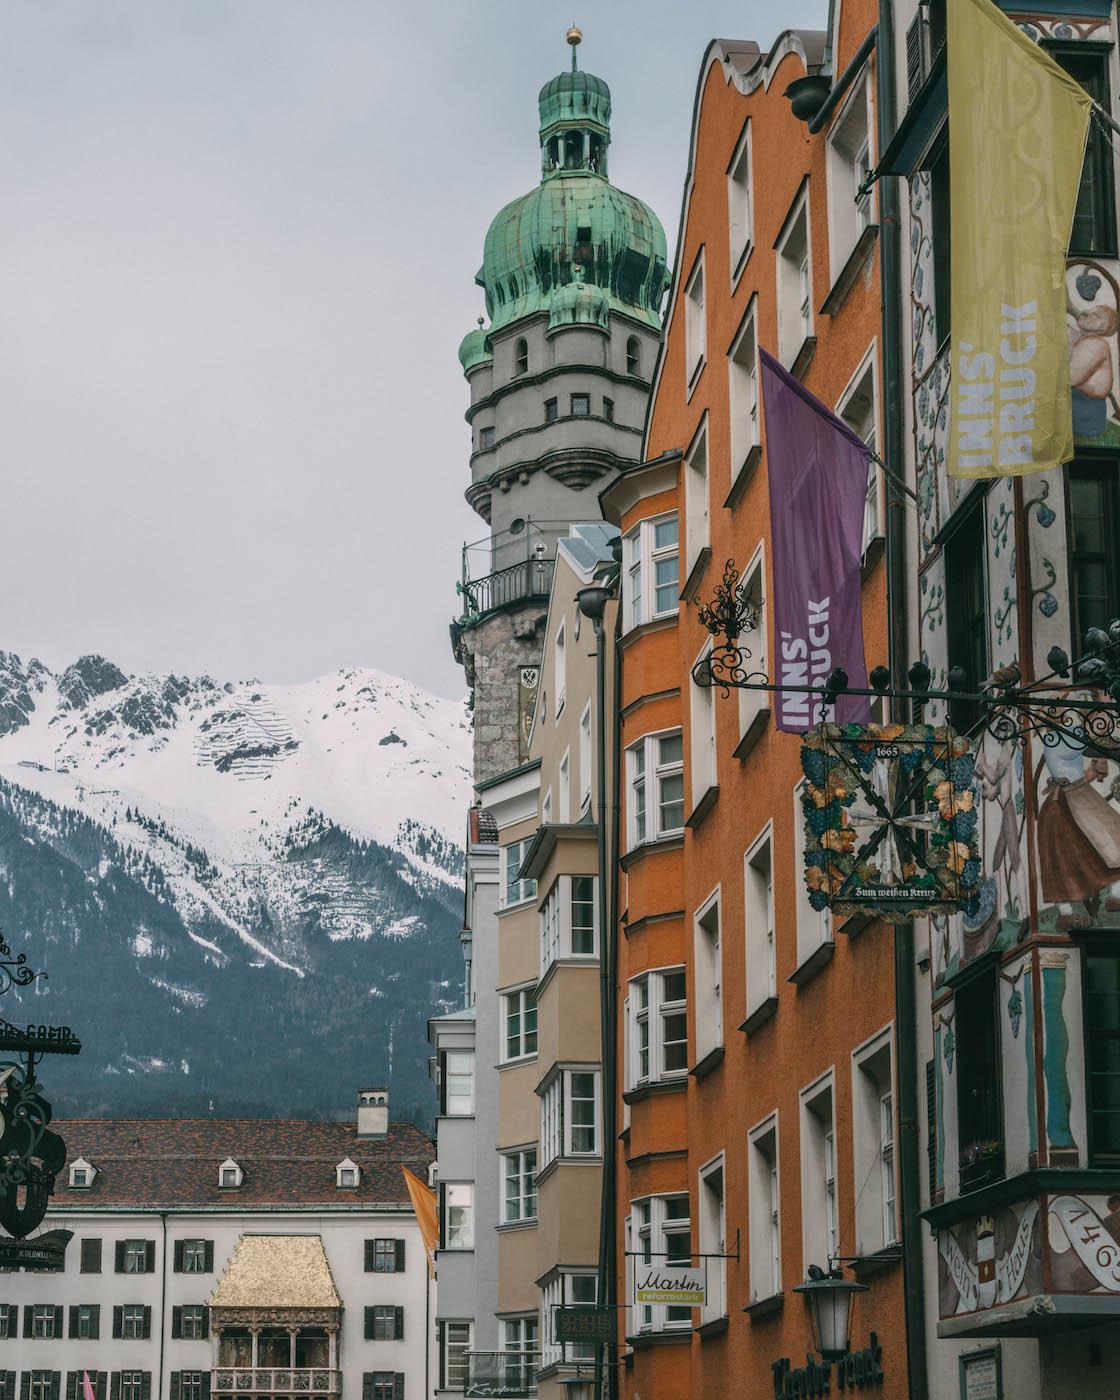 Mieminger Plateau Innsbruck Nordkette Tirol